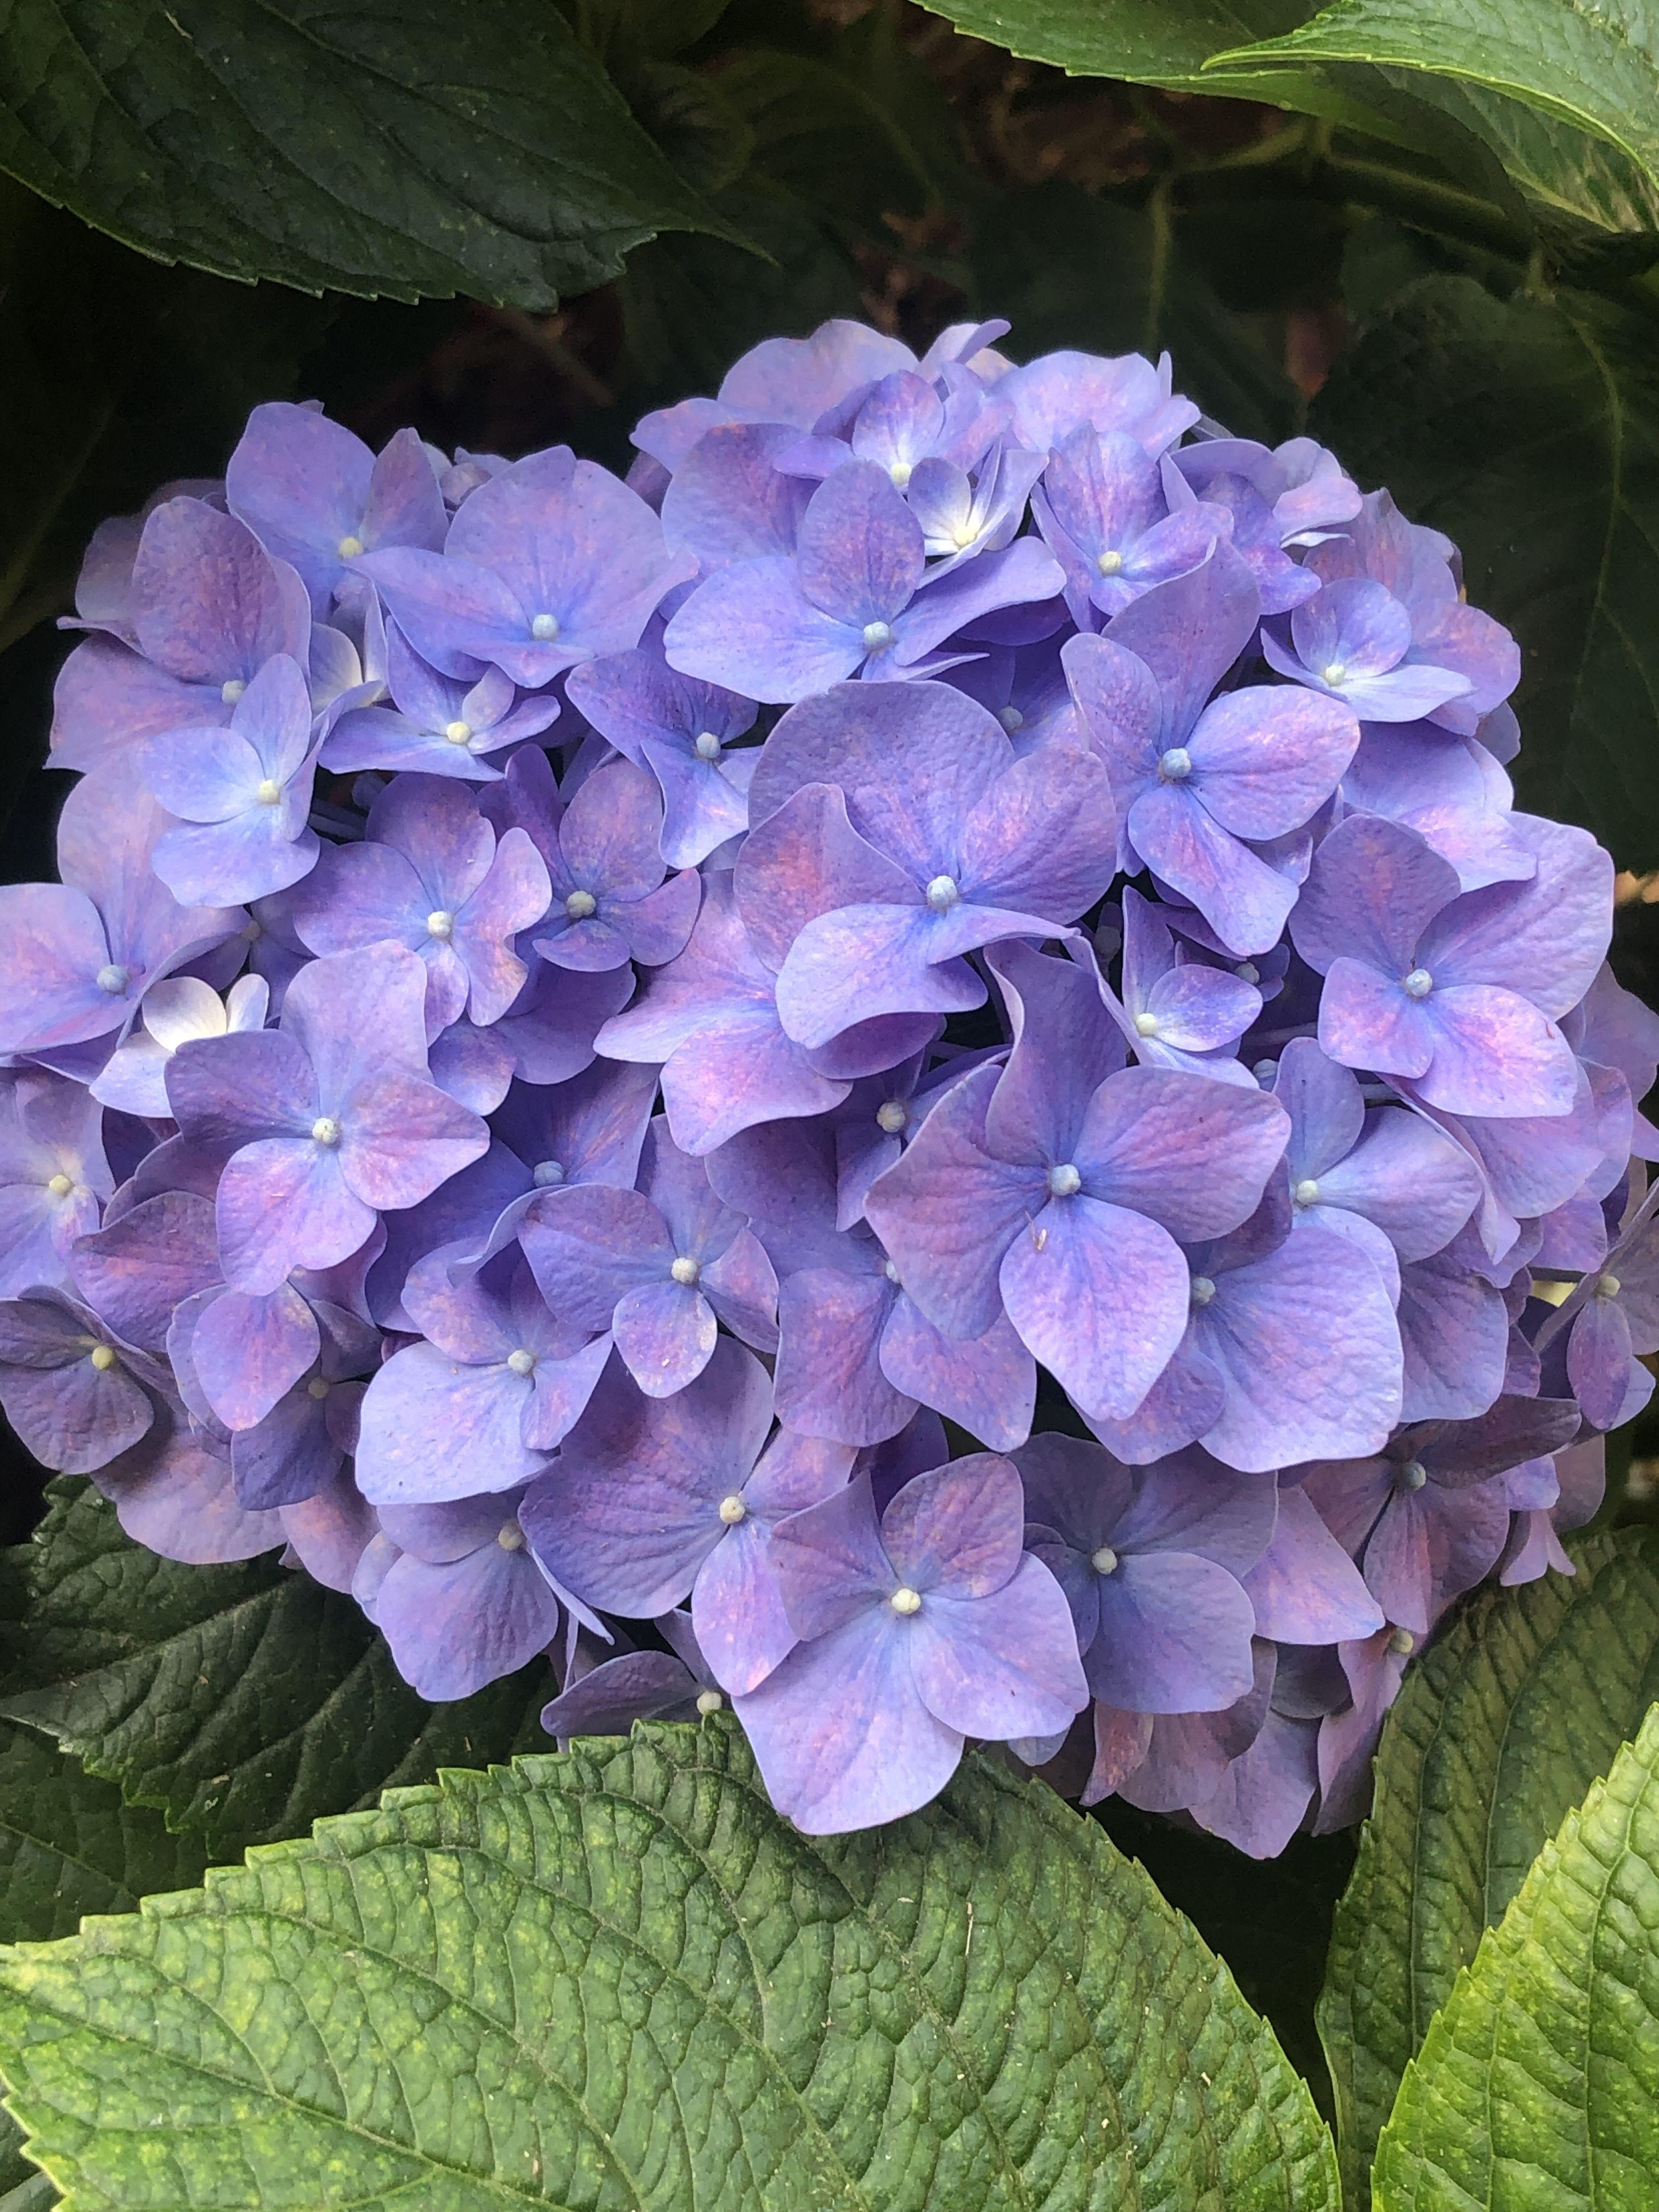 Hydrangea In 2020 Hydrangea Garden Beautiful Flowers Hydrangea Landscaping